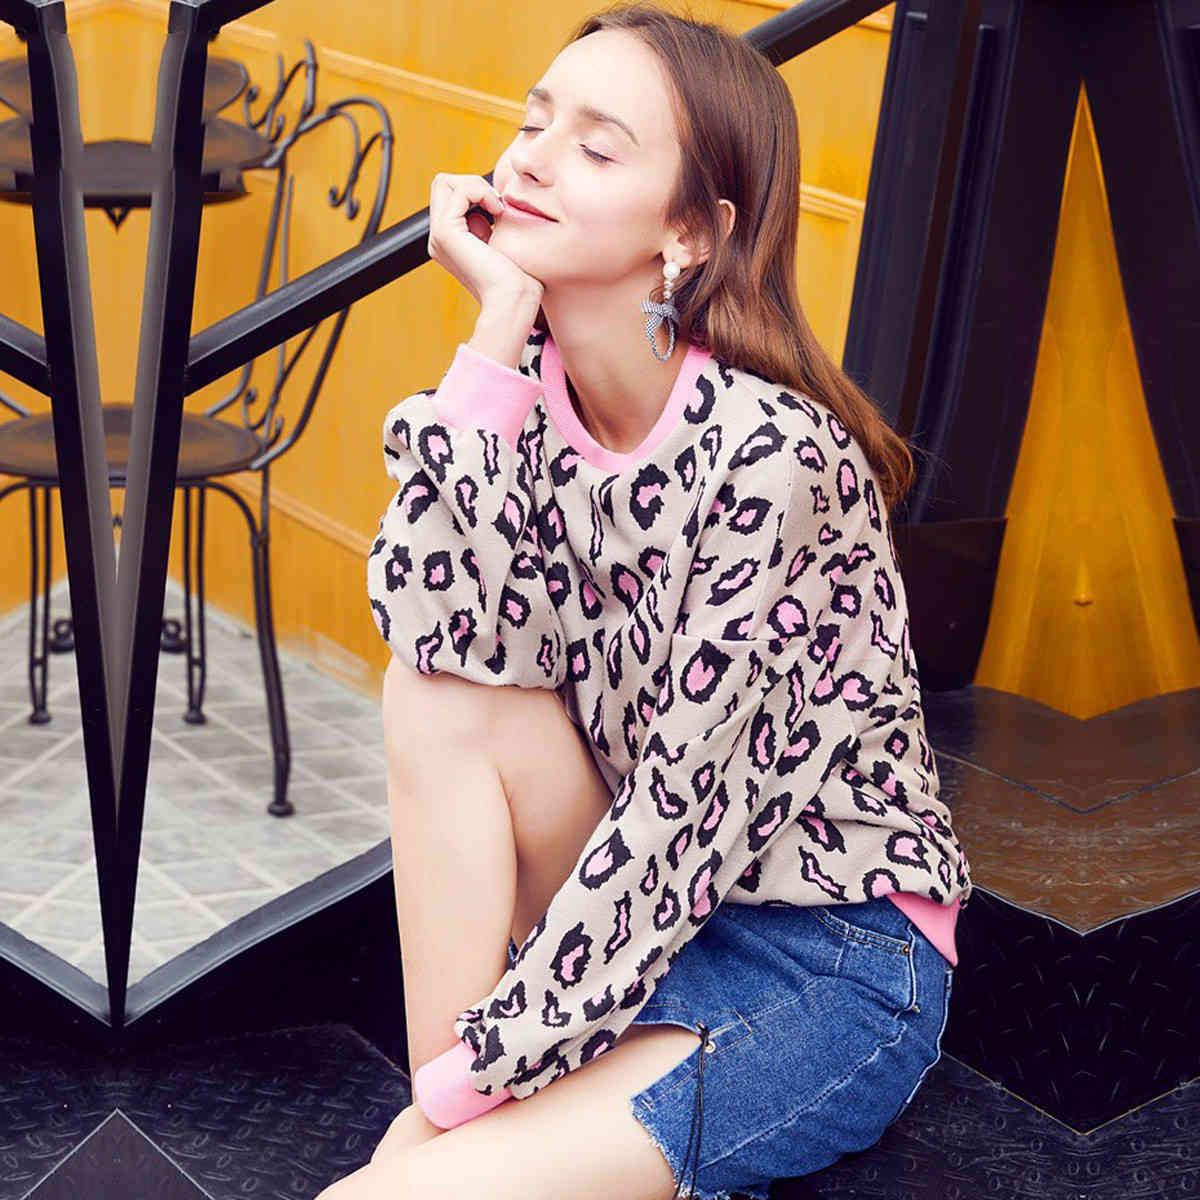 量身定制戈蔓婷时尚女装 在时尚界掀起潮流